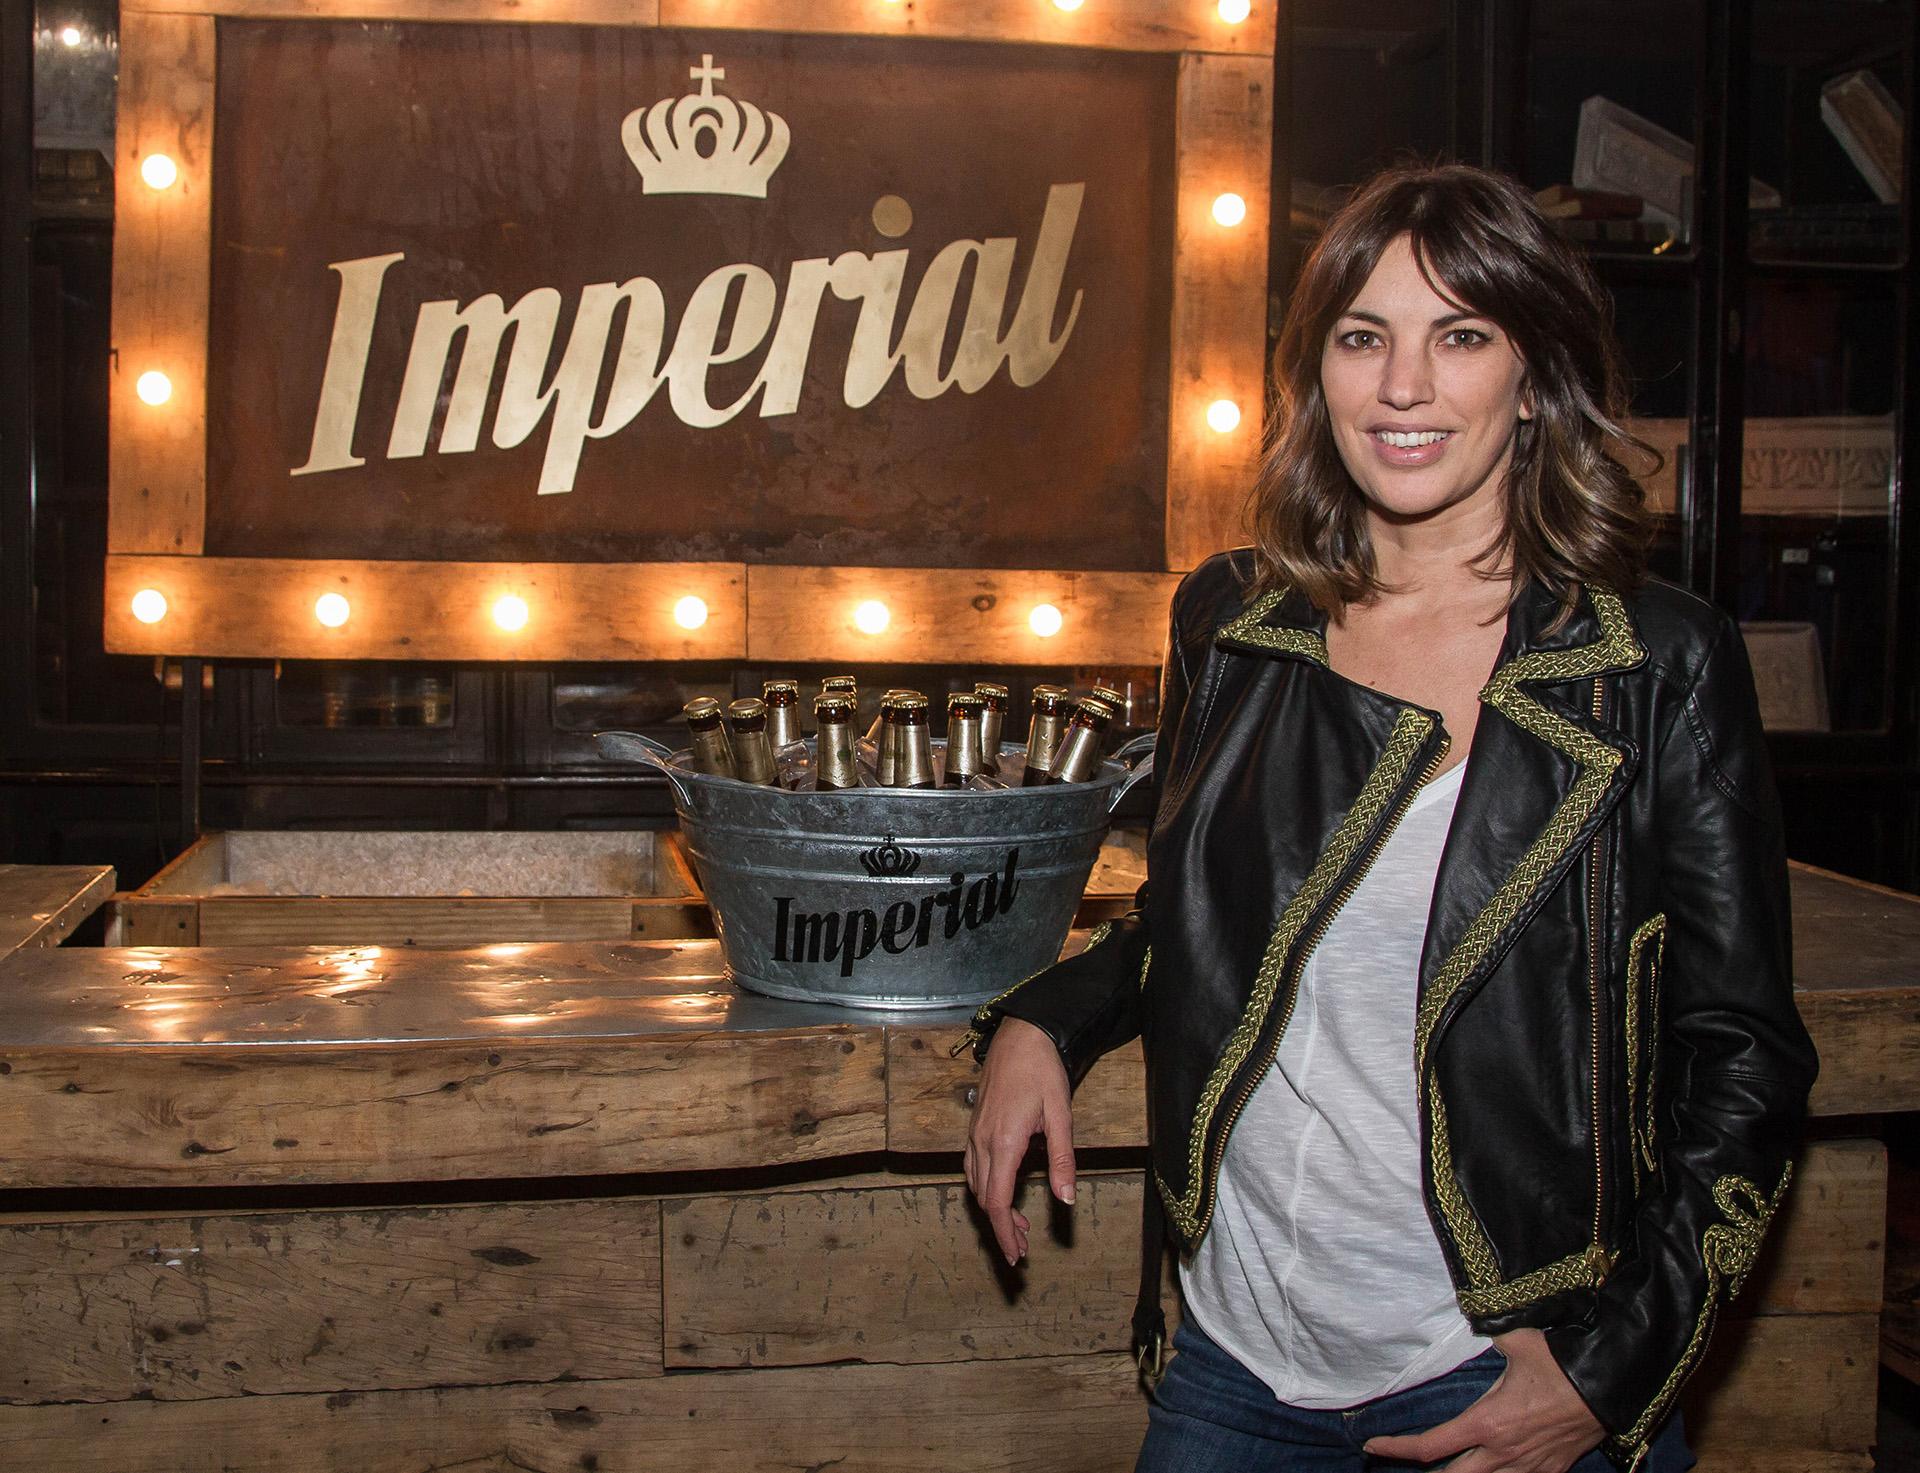 Deborah Del Corral pasó por el bar Nápoles para probar la nueva Imperial IPA.